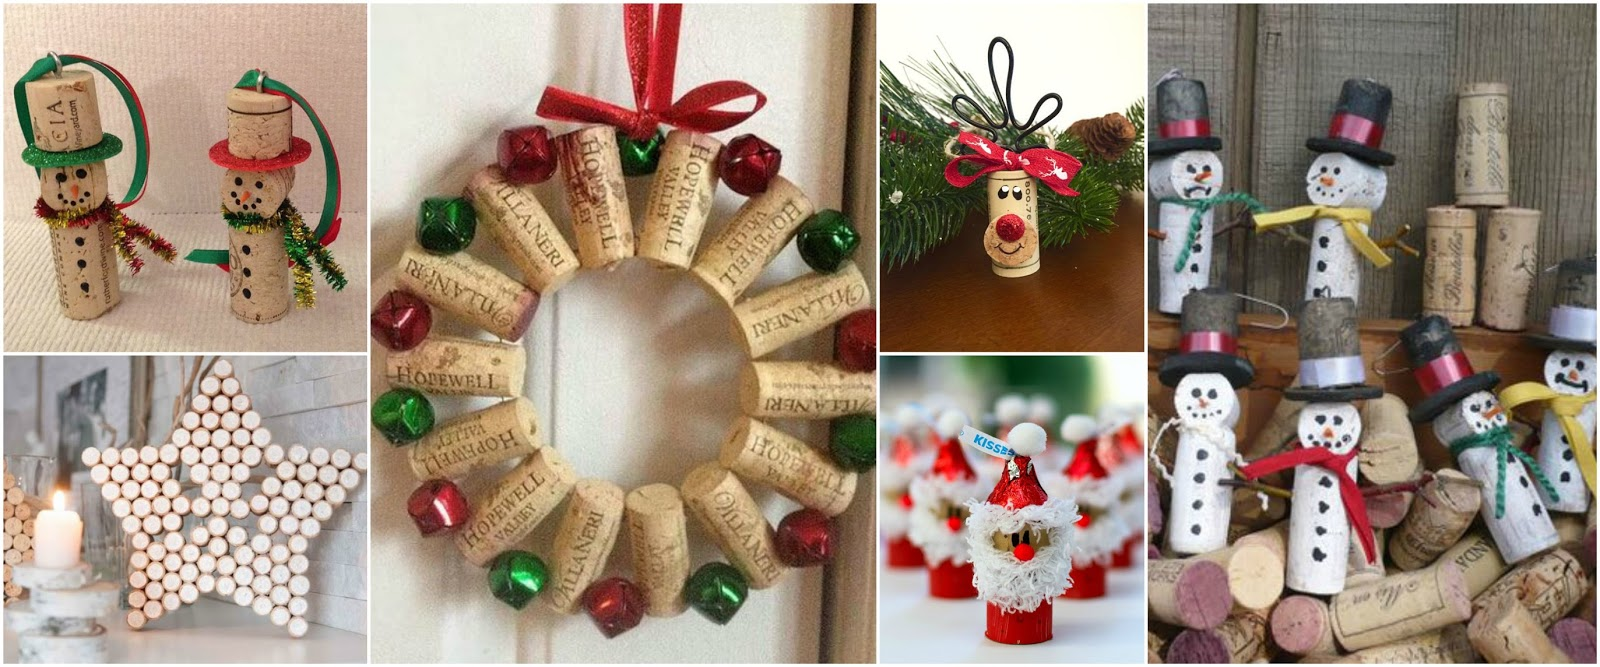 13 adornos navide os con corchos para decorar el rbol de - Adornos navidenos paso a paso ...